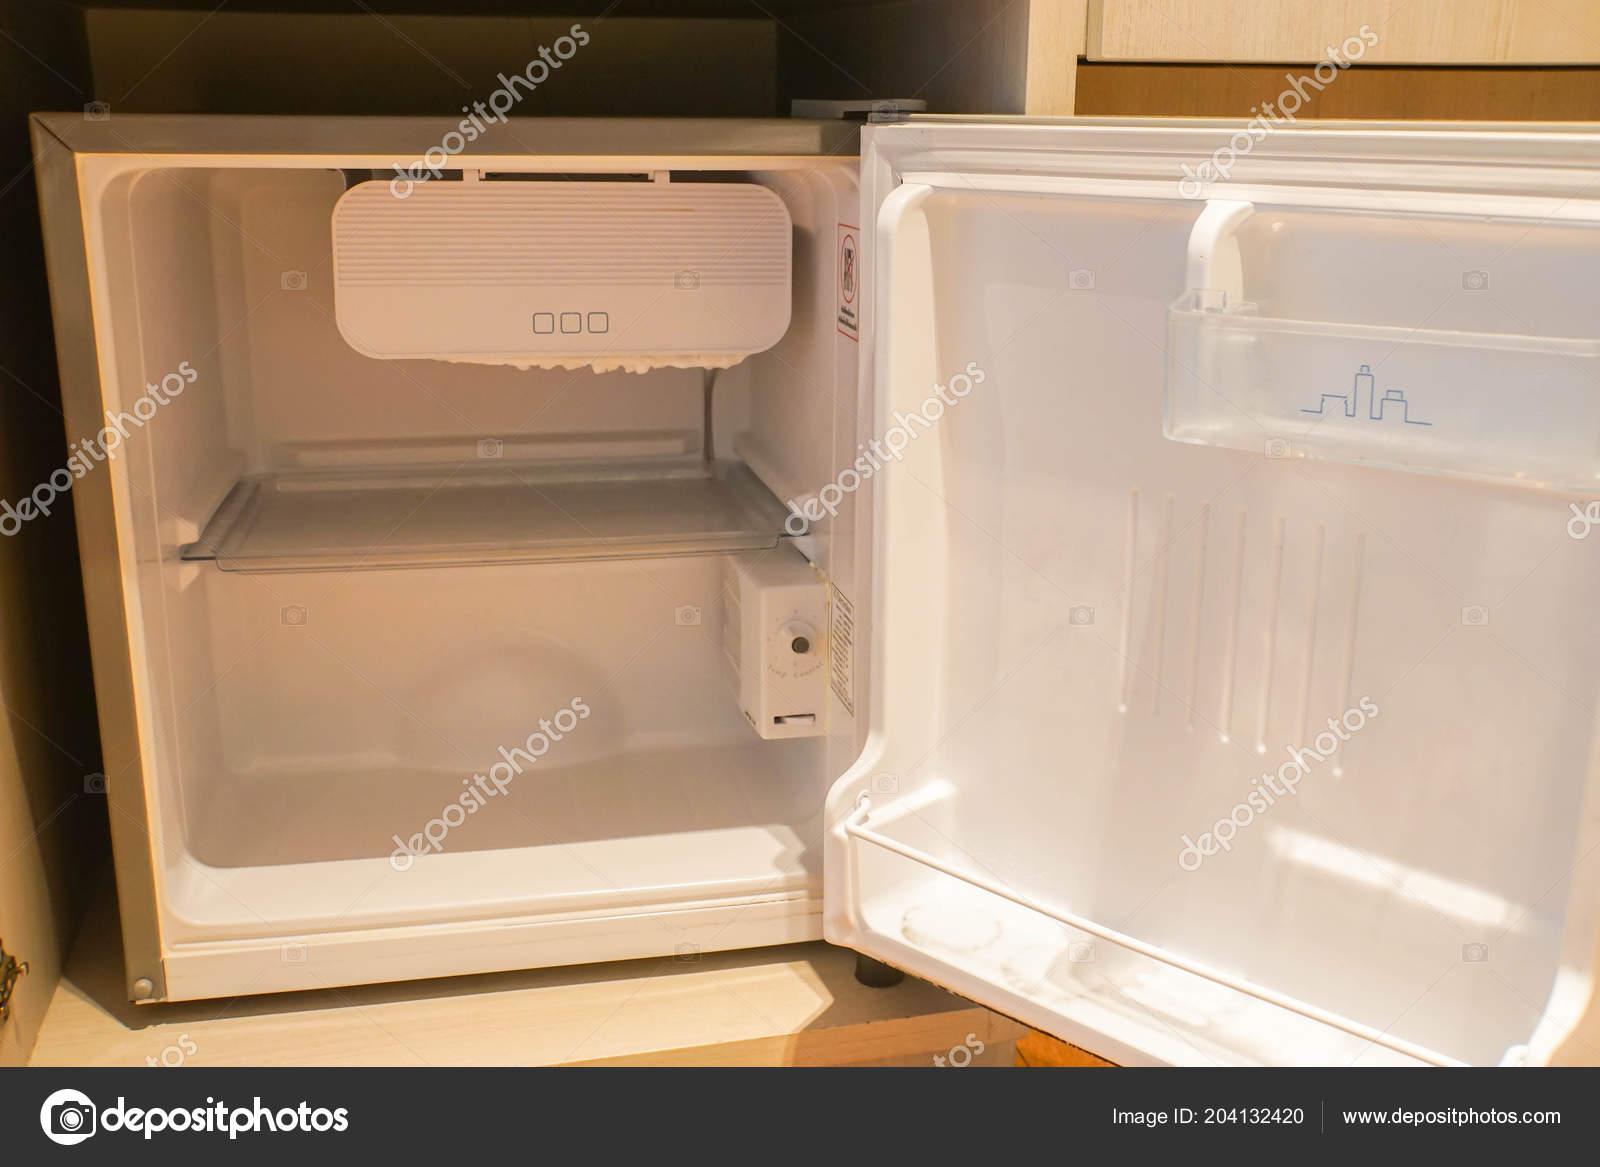 Mini Kühlschrank Mit Schrank : Der mini kühlschrank hotelzimmer für getränke u2014 stockfoto © jummie